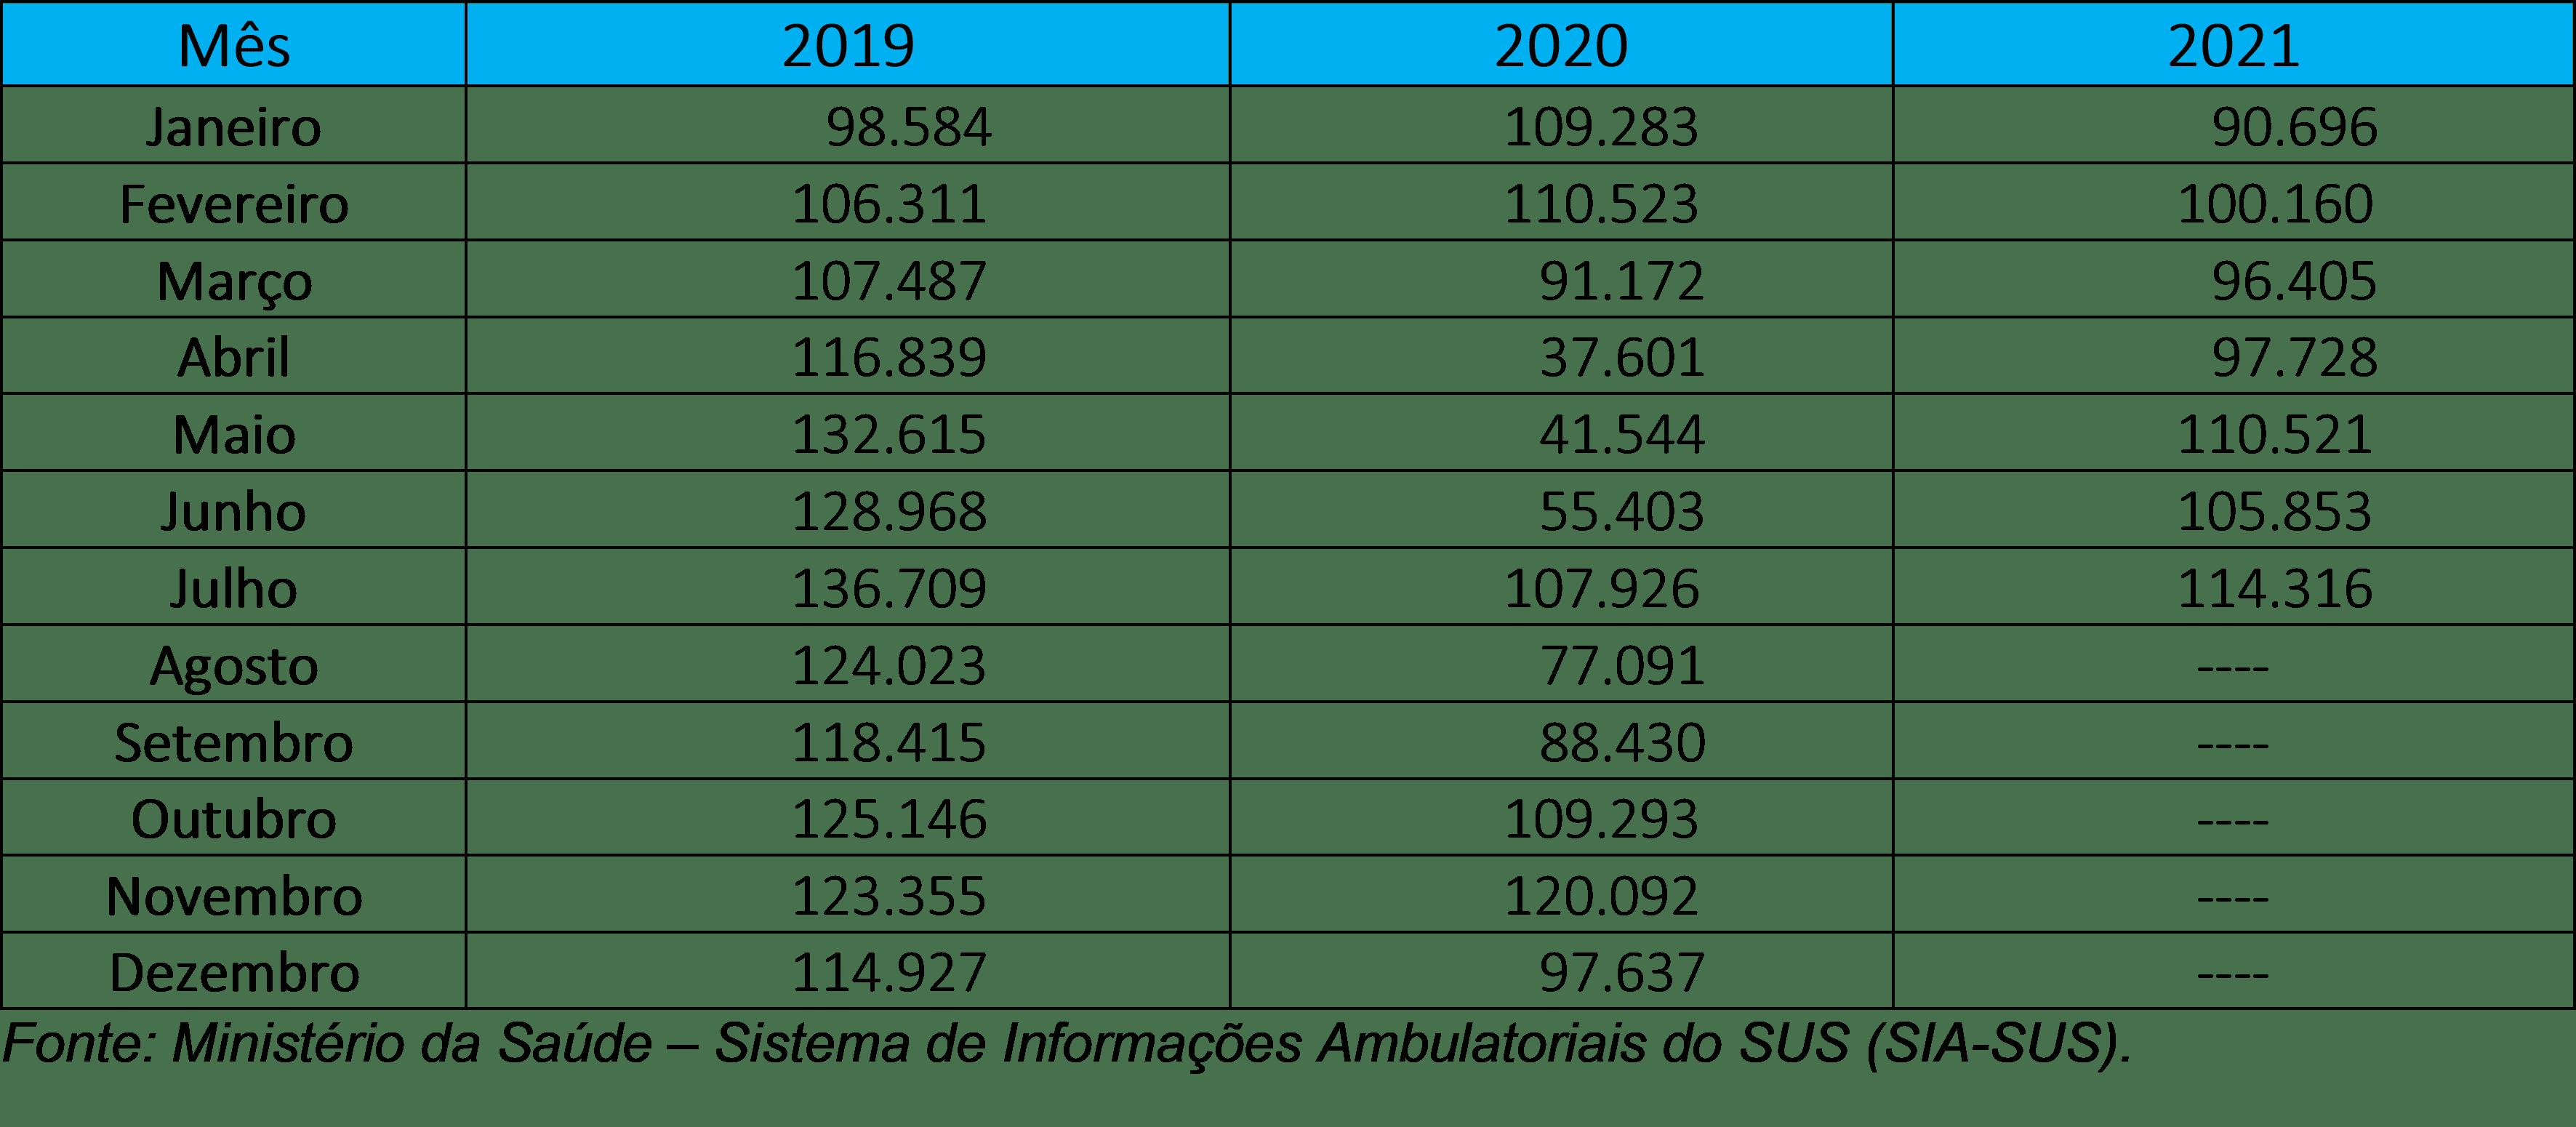 Pandemia impede consultas e cirurgias oftalmológicas, revela Conselho Brasileiro de Oftalmologia 5